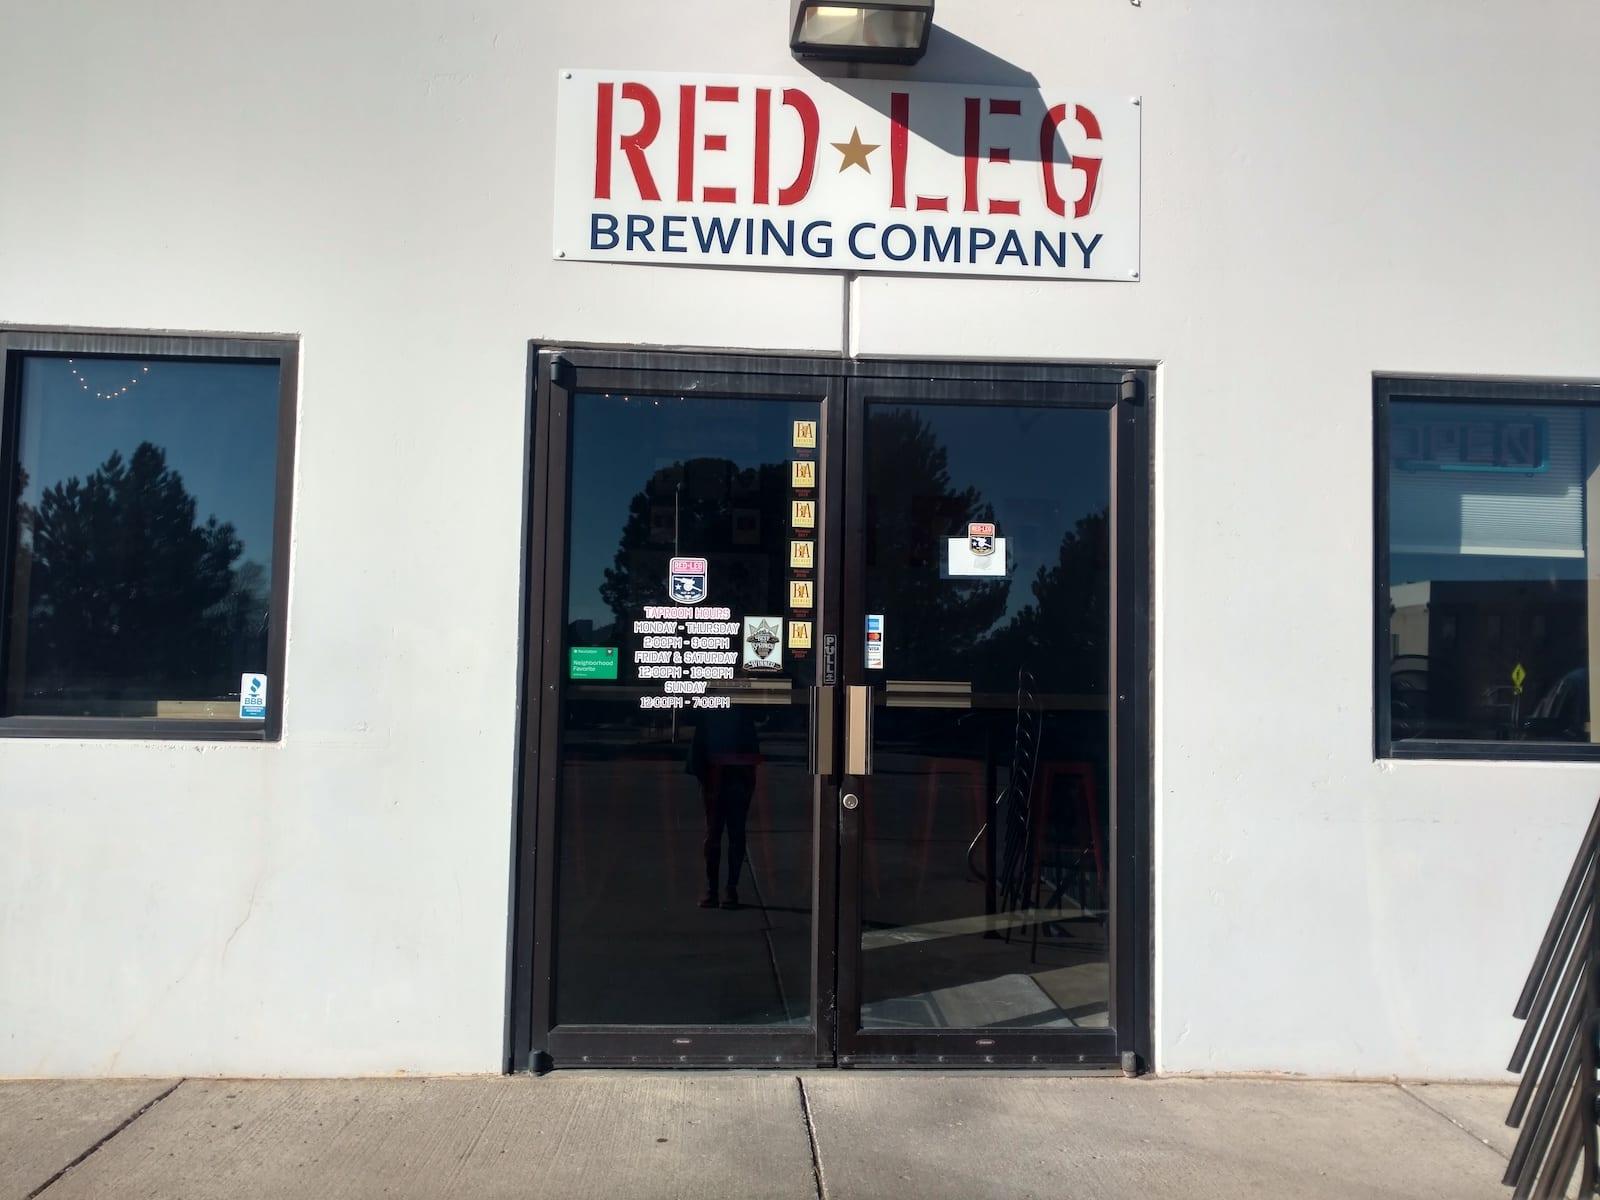 Perusahaan Pembuatan Bir Kaki Merah Colorado Springs